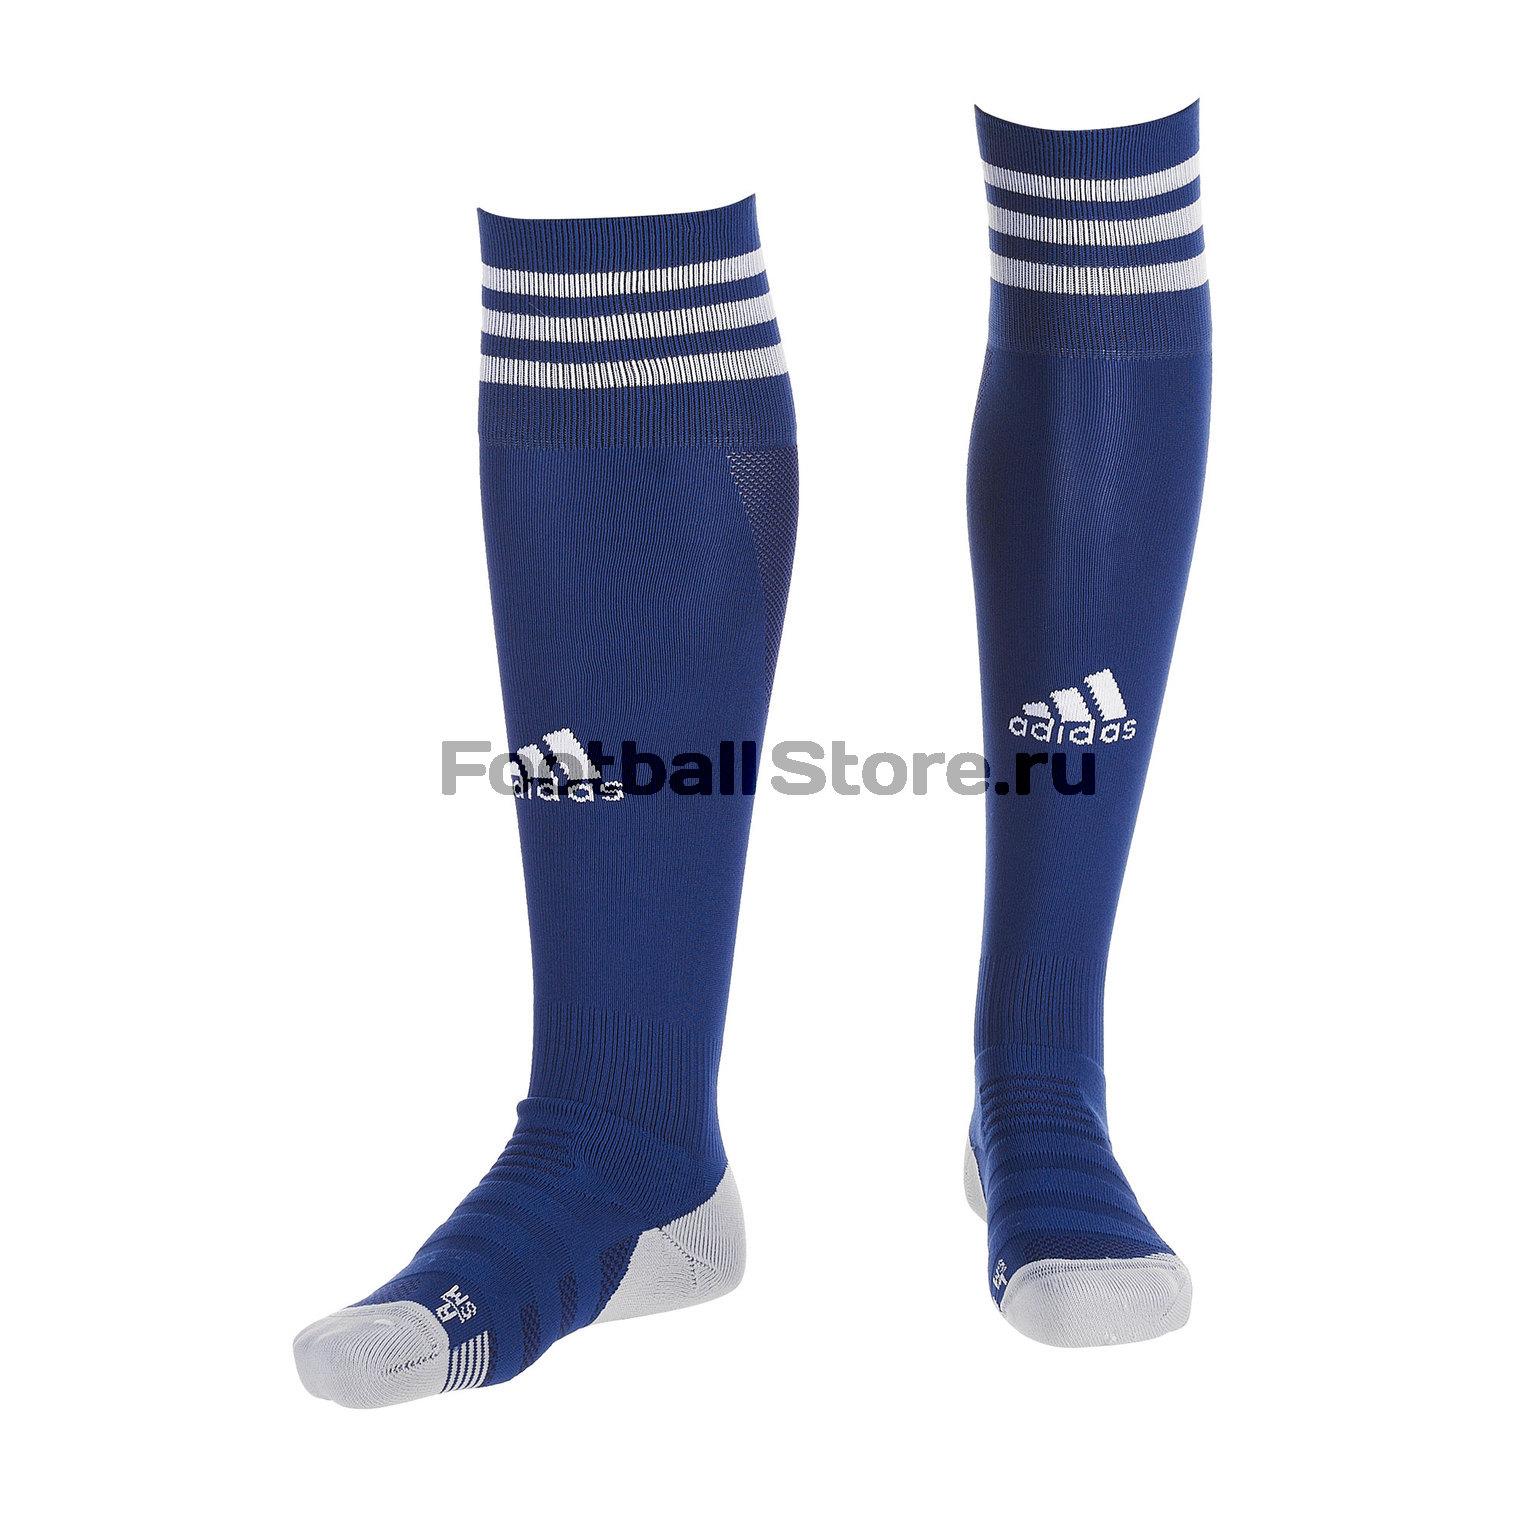 Гетры Adidas Adi Sock 18 CF3580 гетры футбольные adidas